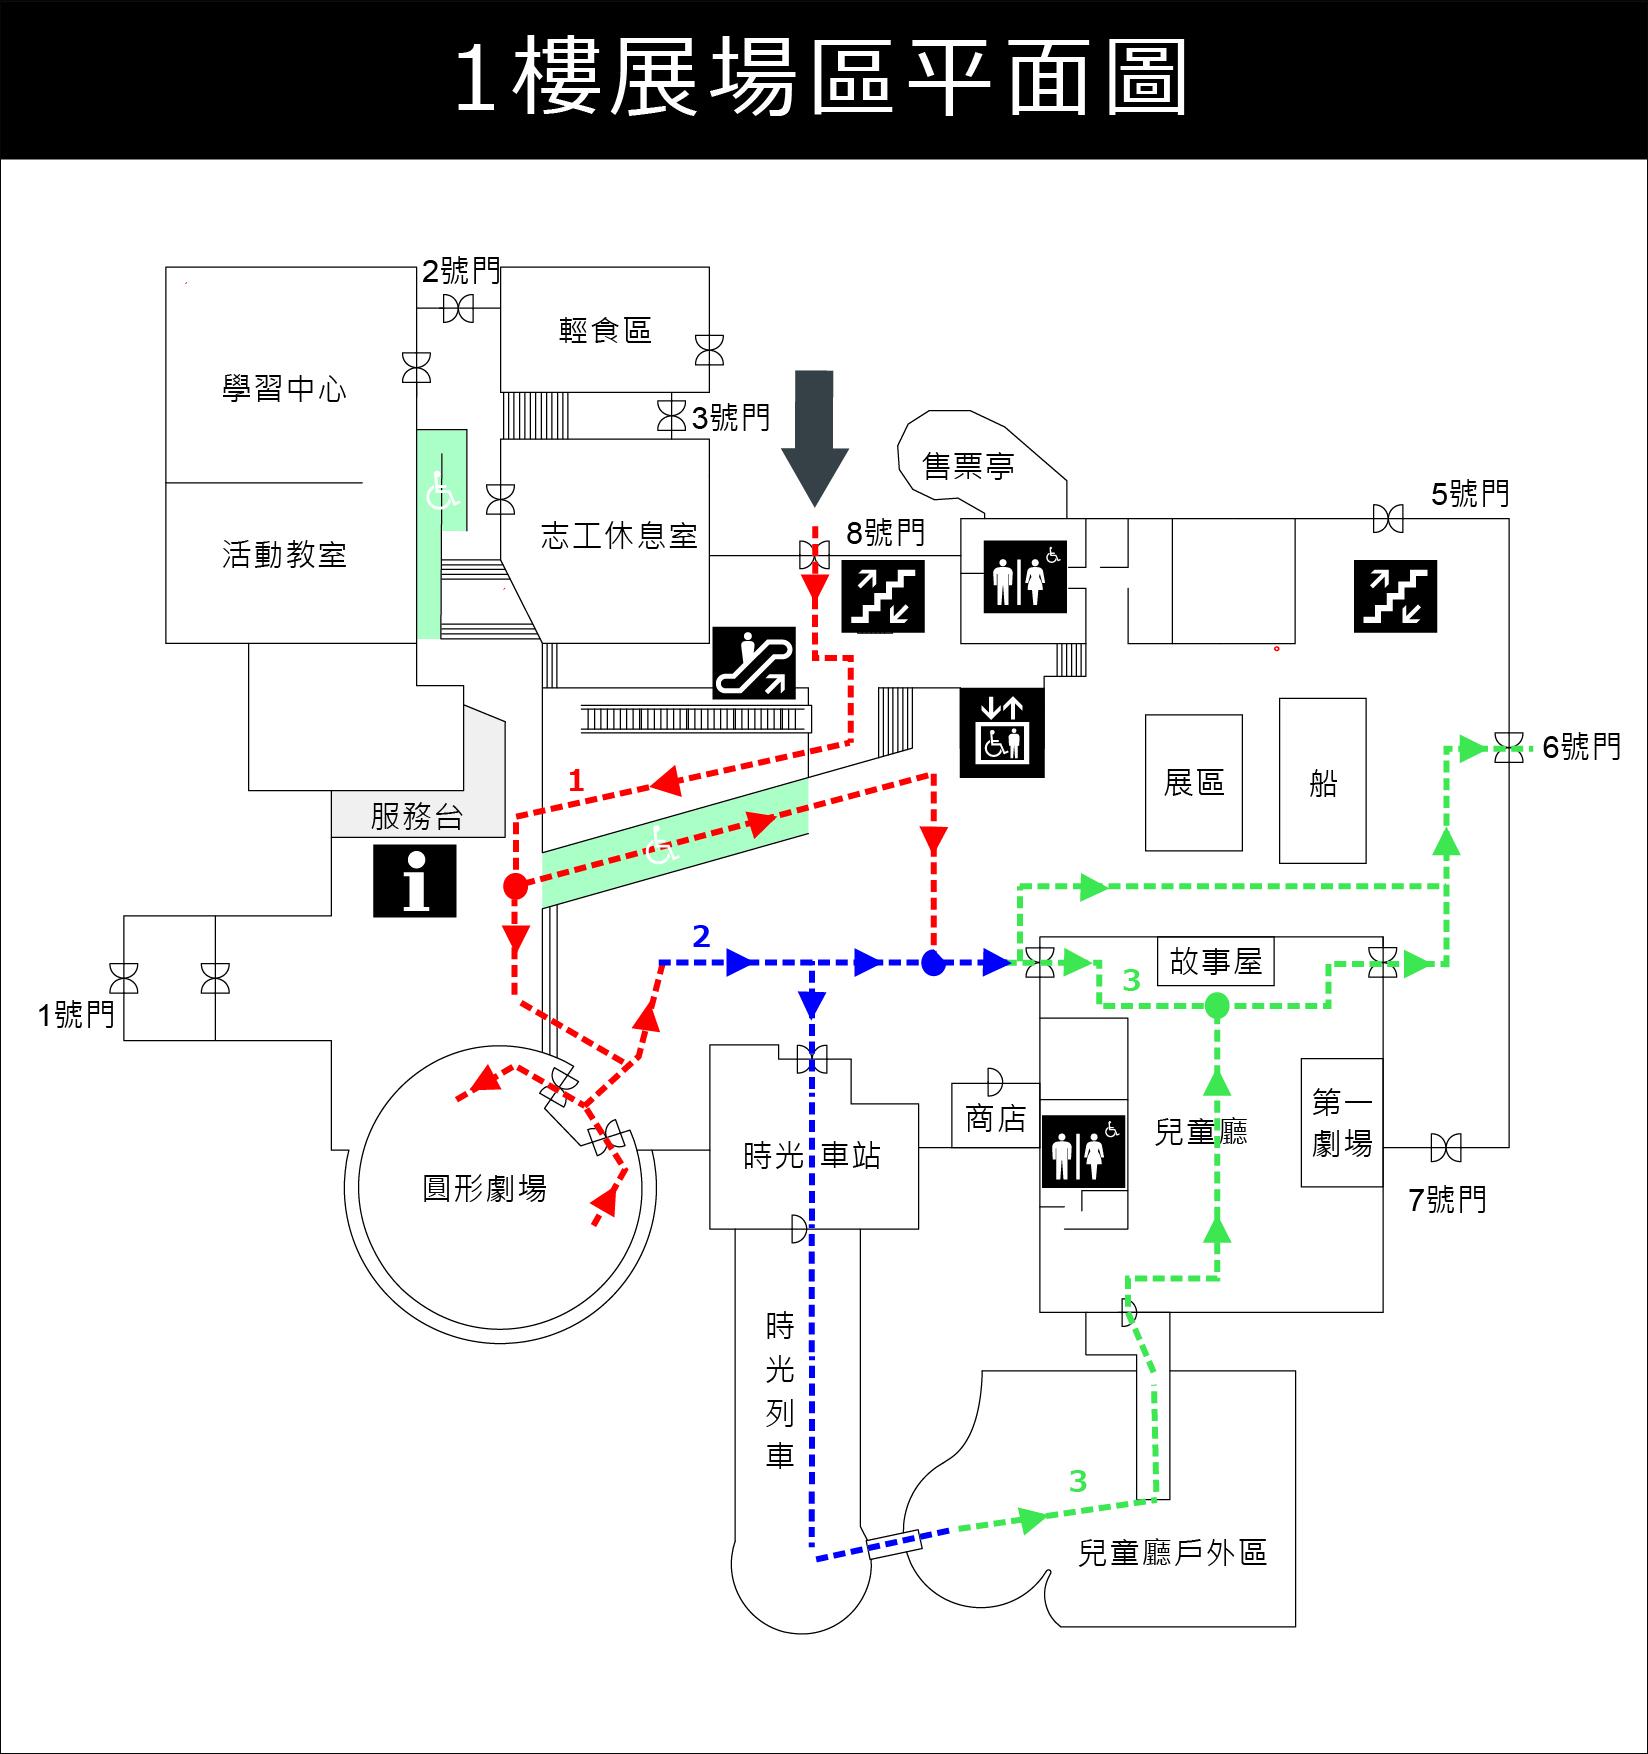 一樓平面圖: 服務台、無障礙廁所、無障礙電梯、公共電話、兒童廳、圓形劇場、學習中心